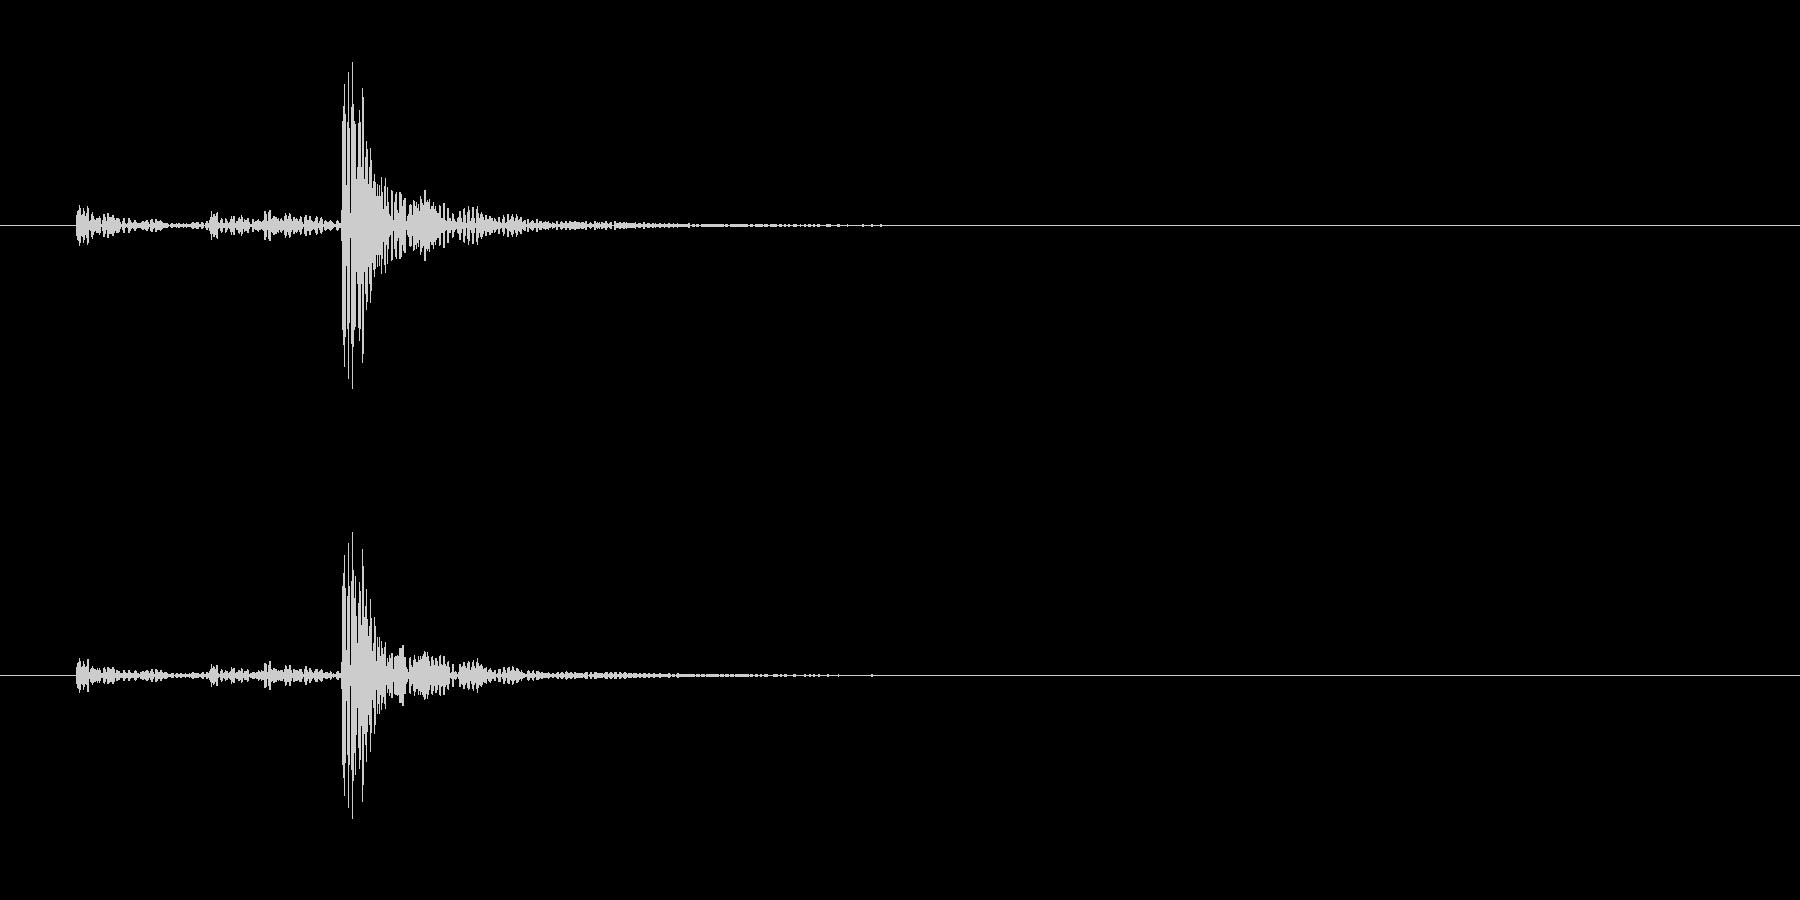 和太鼓の桶胴(おけどう)の単発音の未再生の波形